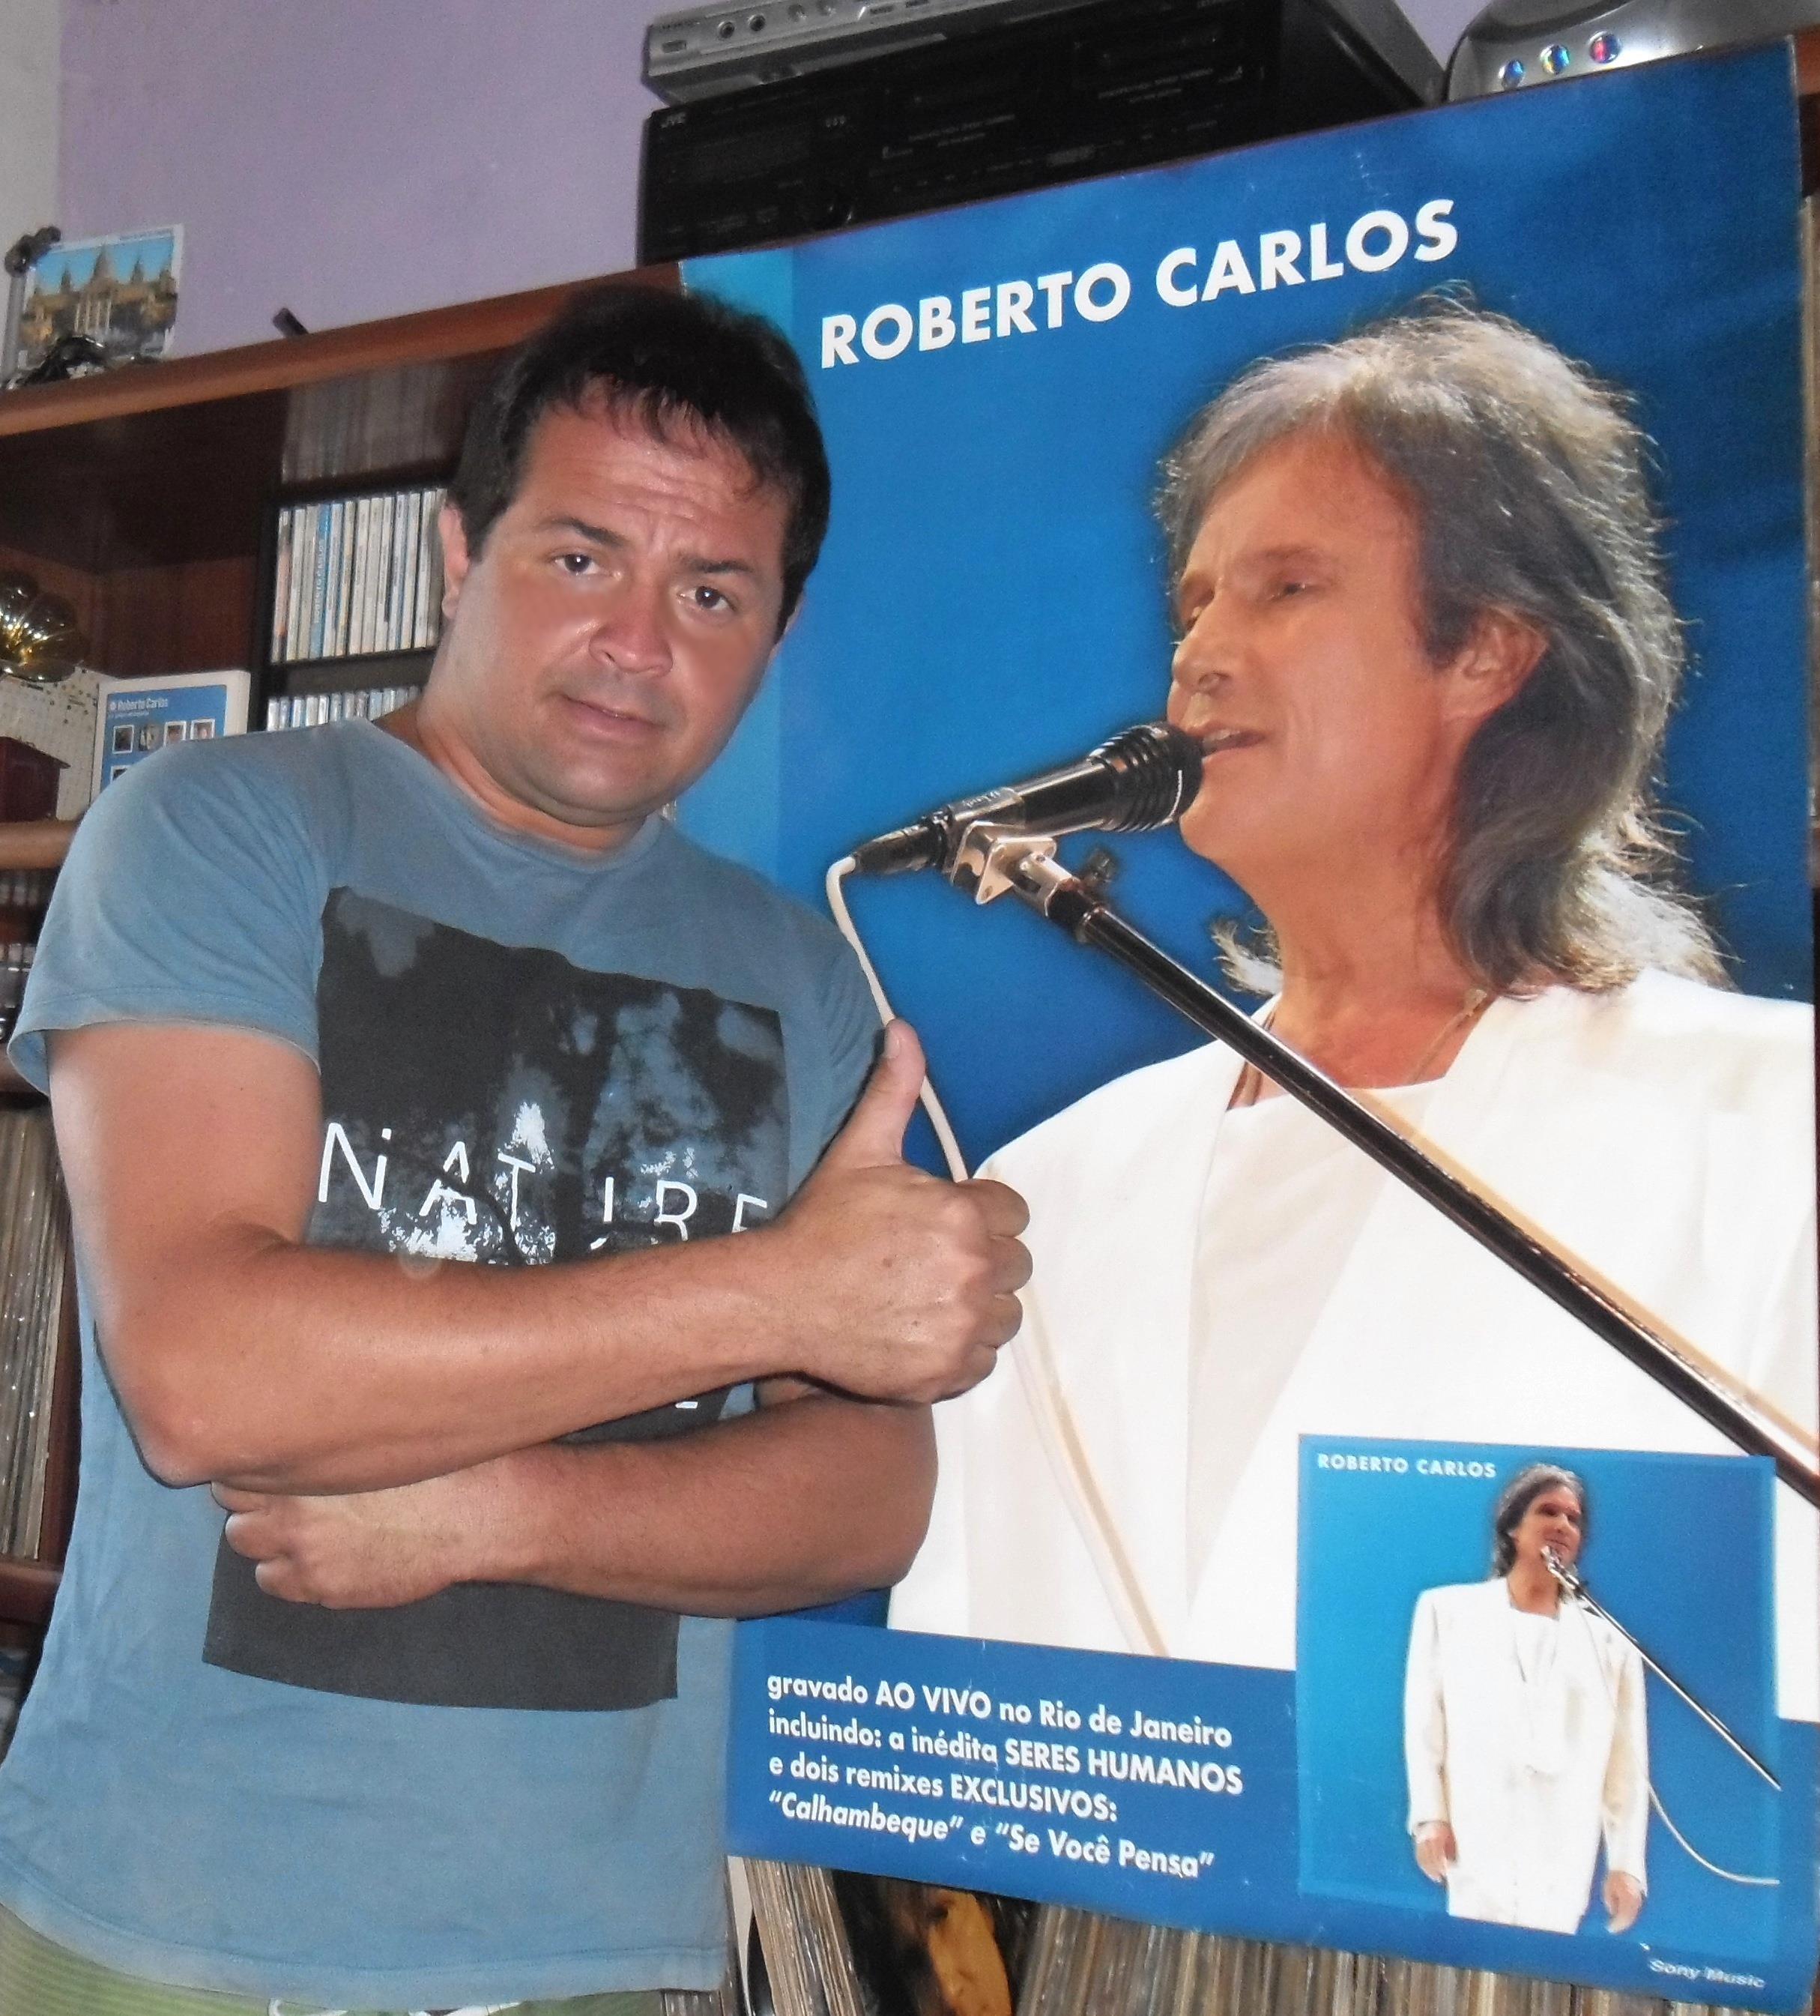 FERNANDO CARLOS PERRIN DA GAMA - SOU FÃ E COLECIONADOR DOS DISCOS DO REI